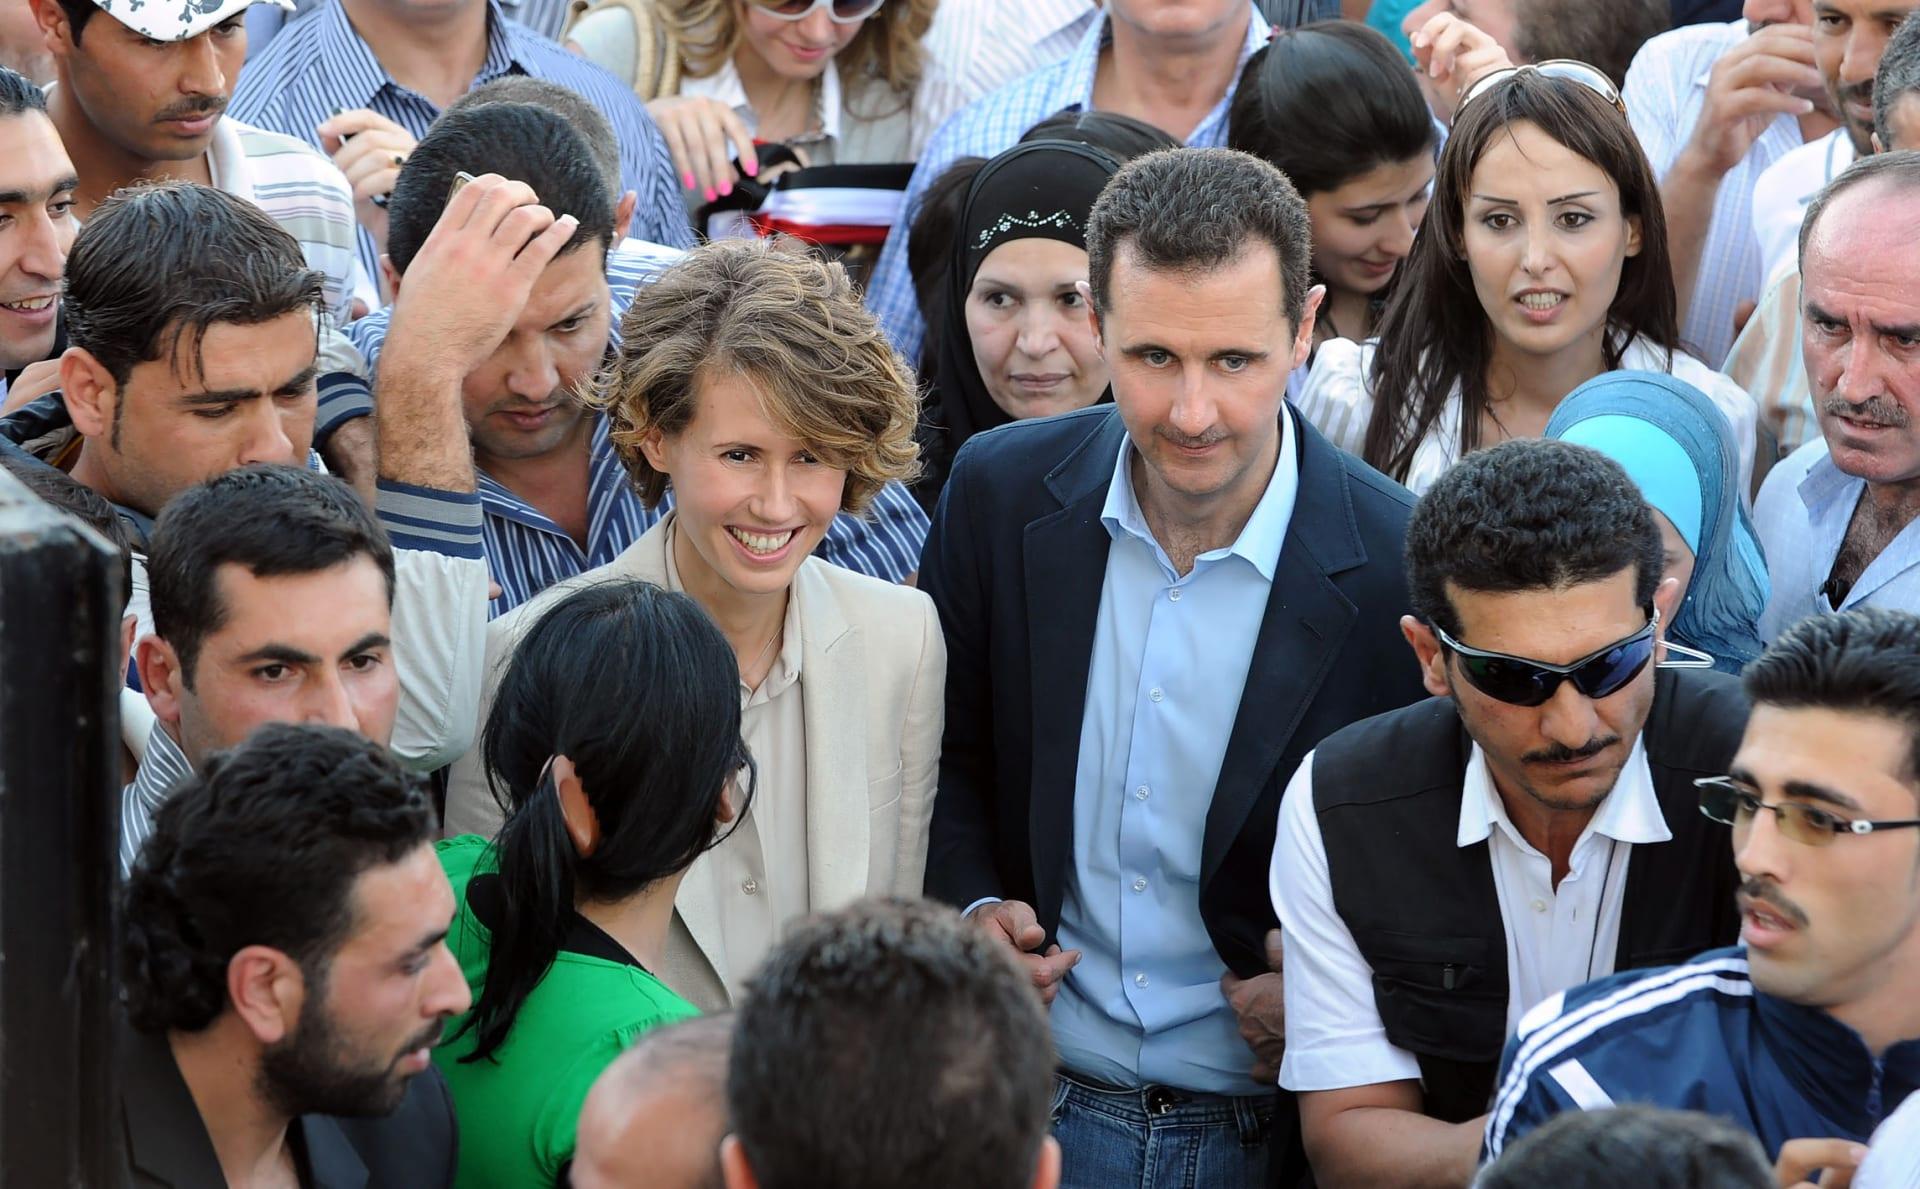 """مع دخوله حيز التنفيذ.. بومبيو يكشف المستهدفين بـ""""قانون قيصر"""" ويتطرق لأسماء الأسد وأرباحها من الحرب"""